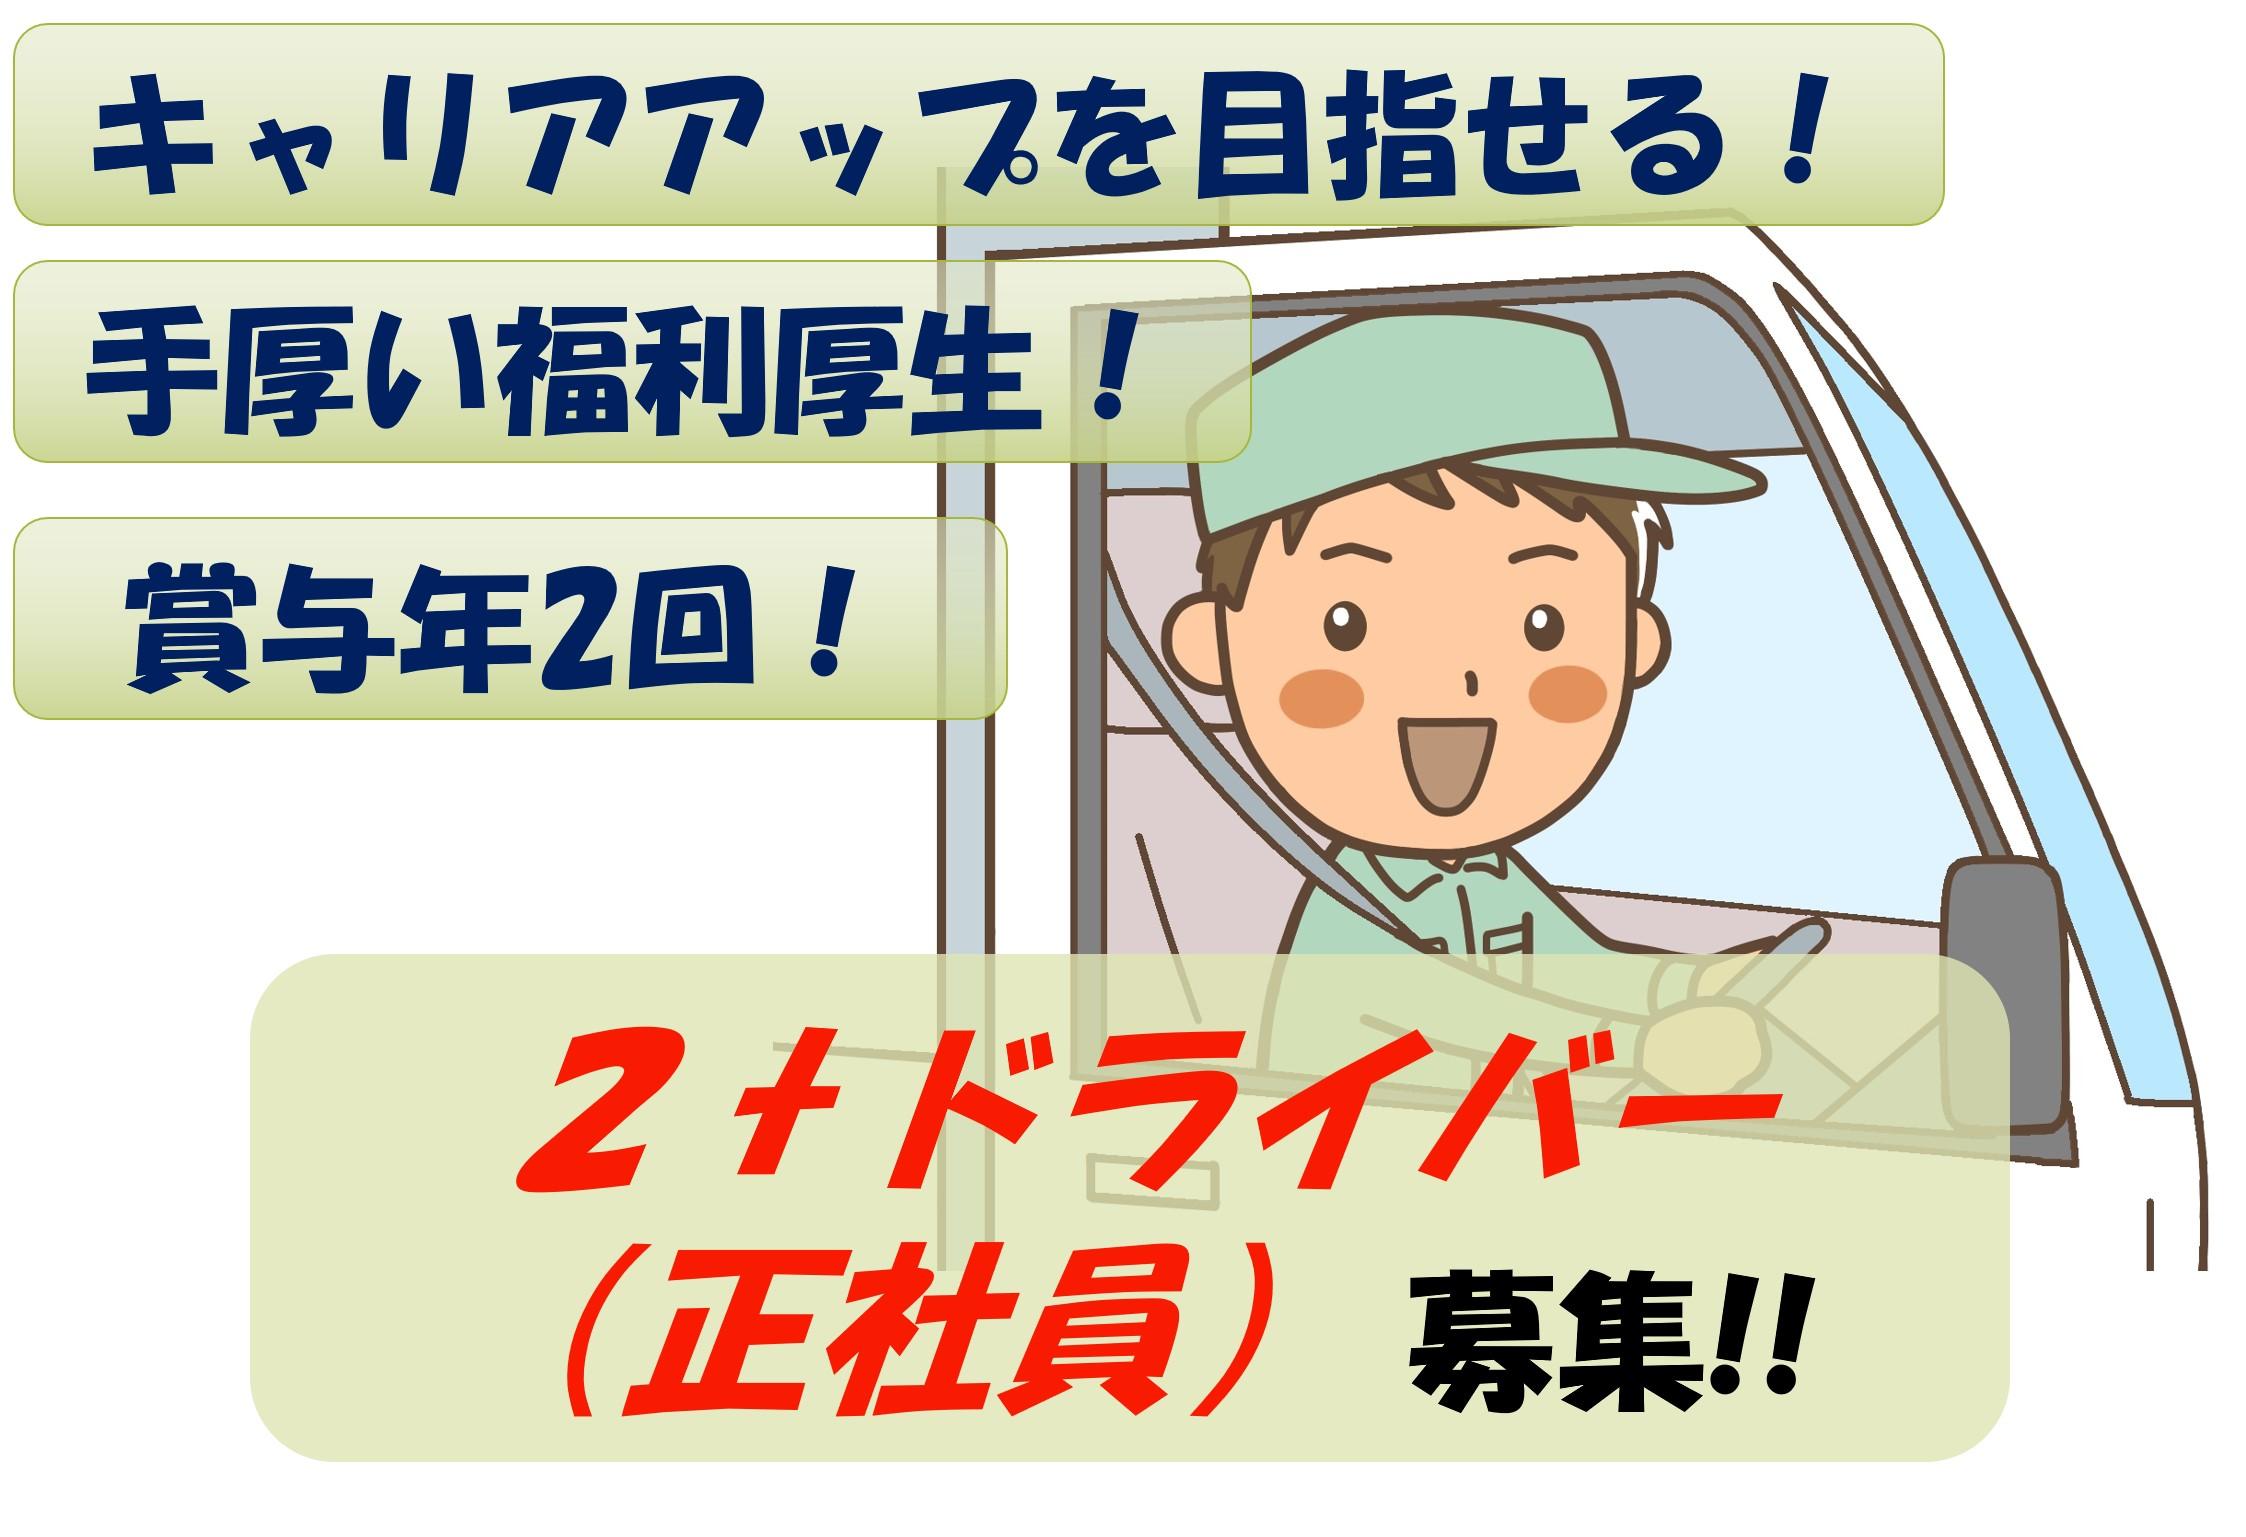 【急募】学歴・経験不問!手厚い福利厚生!2tドライバー募集 イメージ